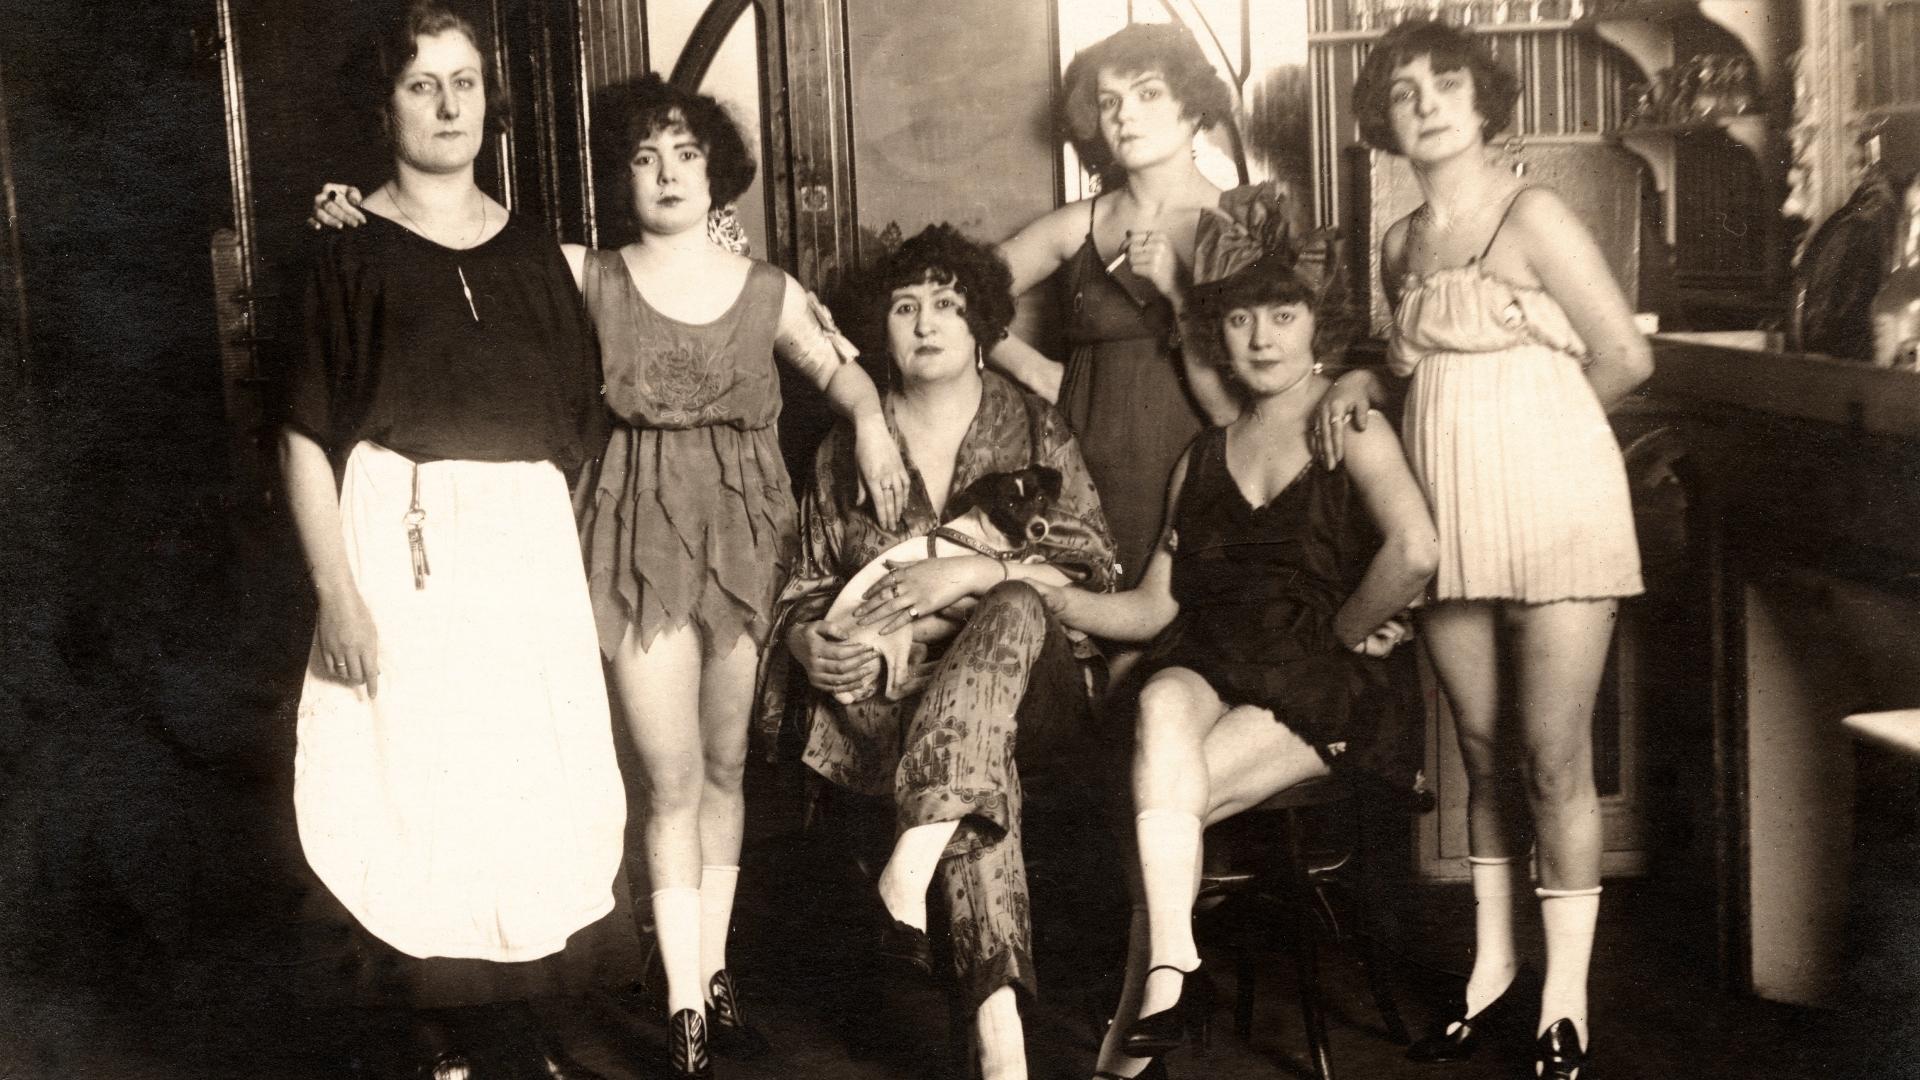 Régen a prostituáltak élete